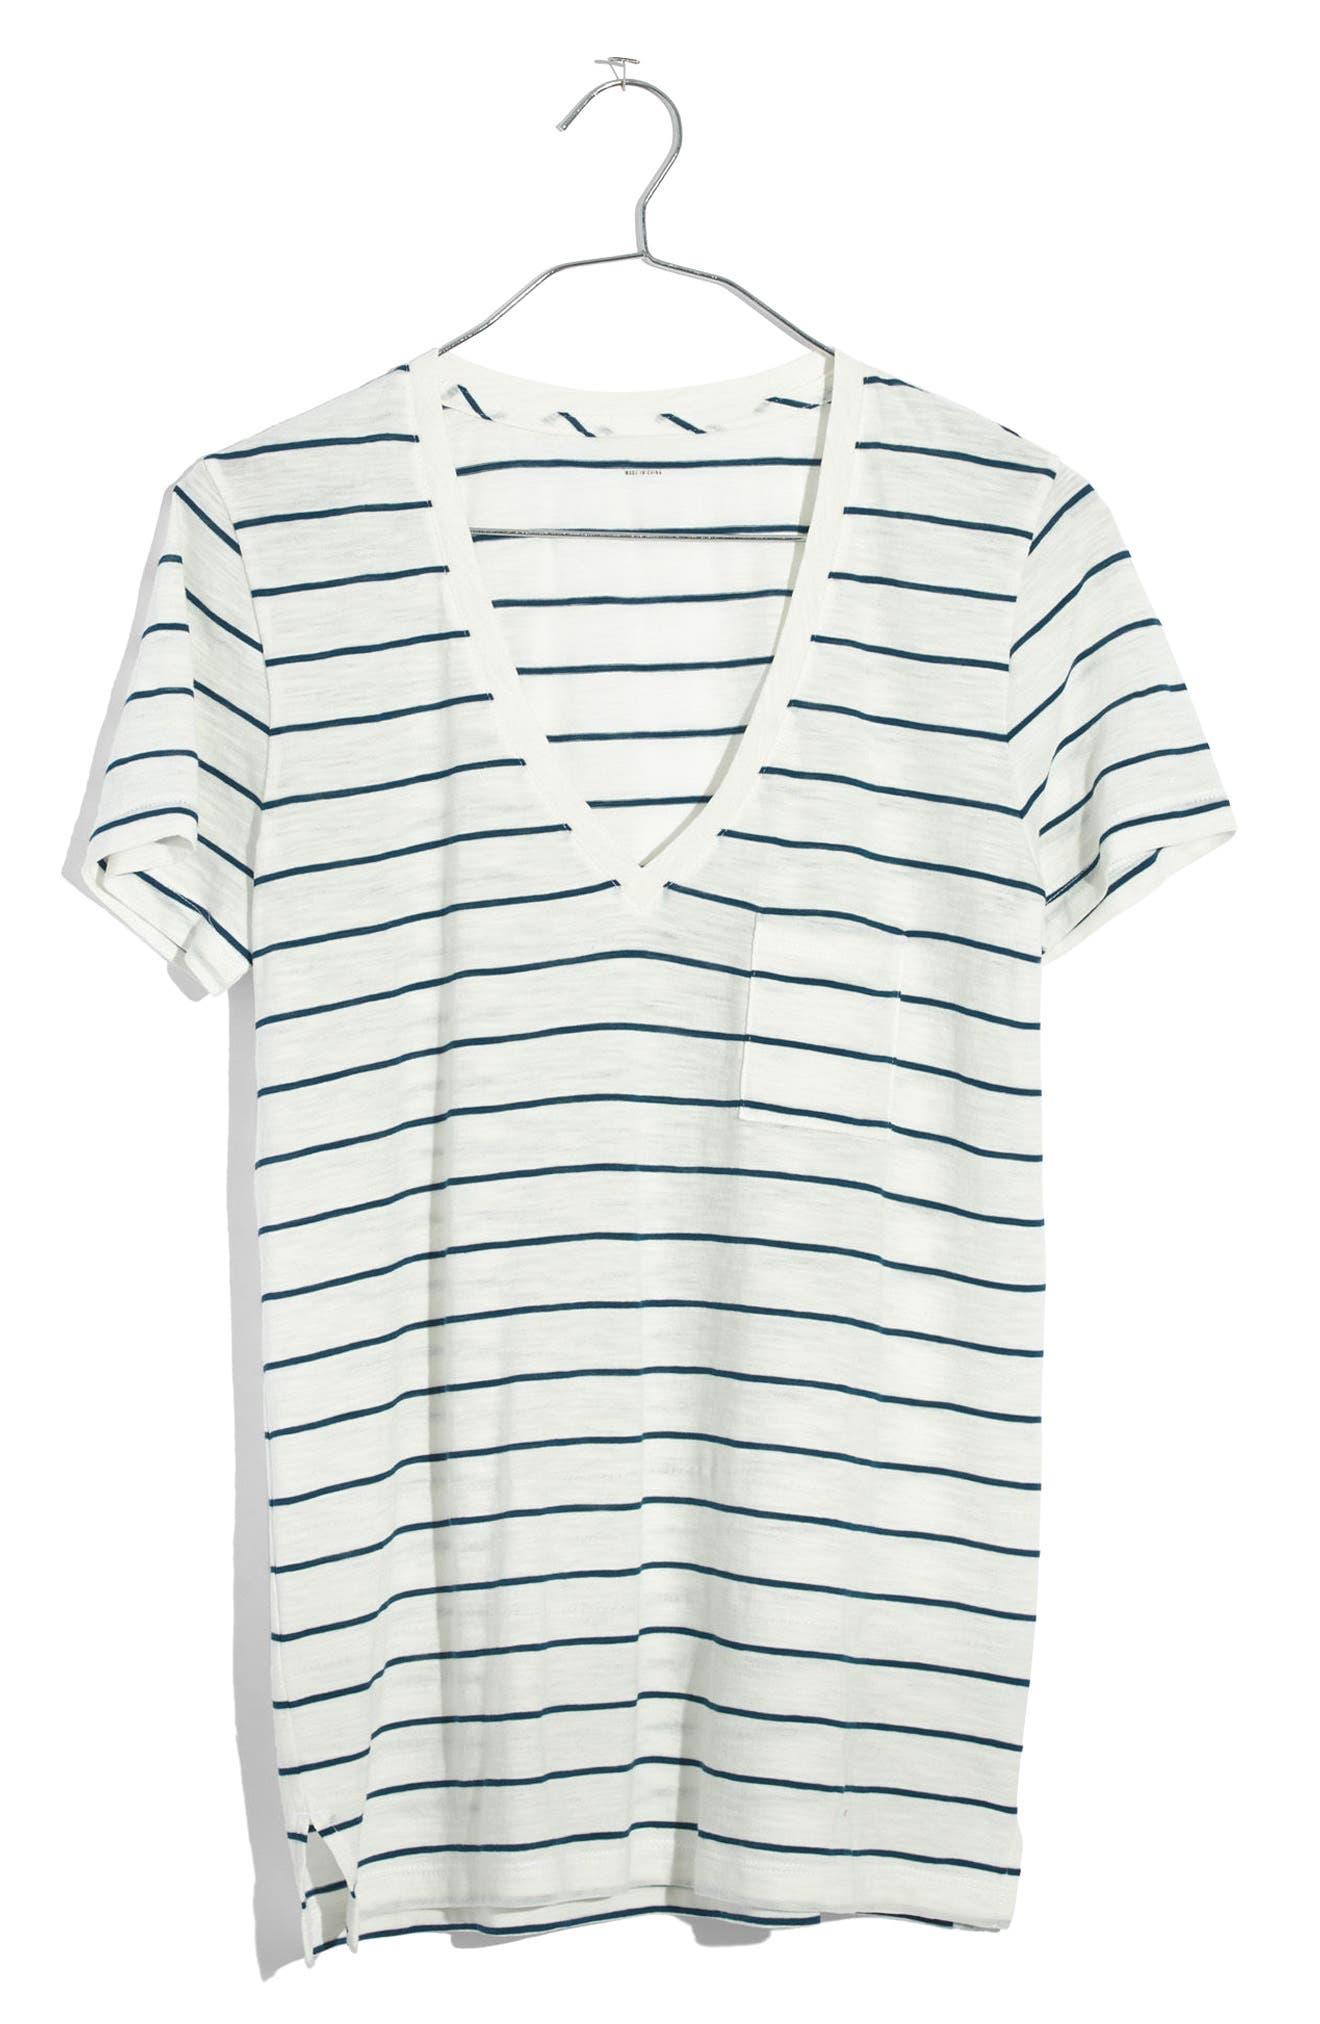 Alternate Image 1 Selected - Madewell Whisper Cotton Stripe V-Neck Pocket Tee